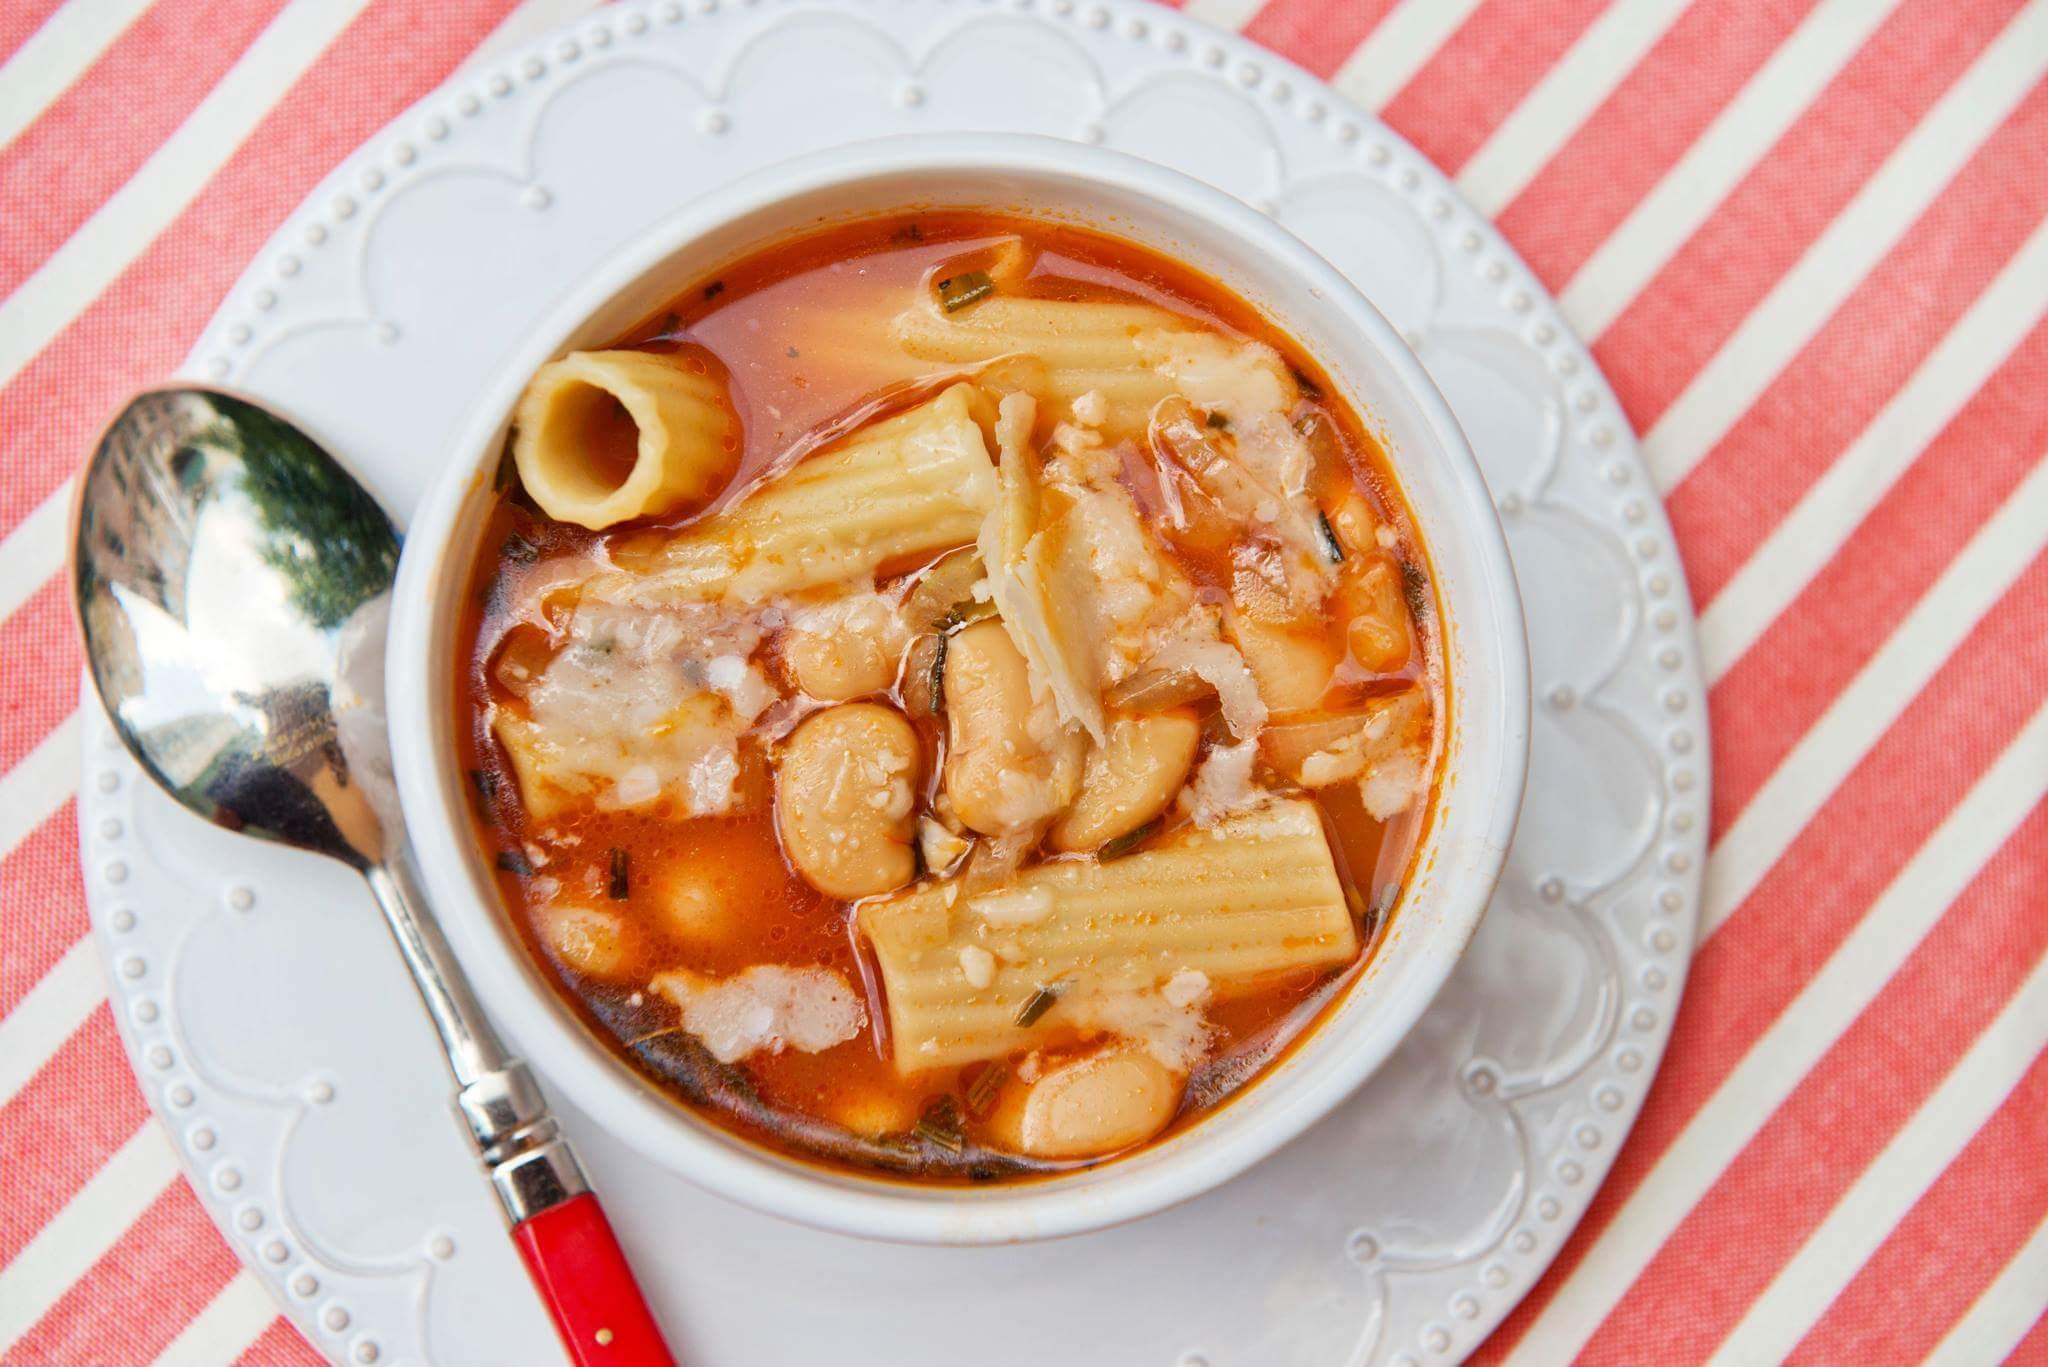 Тосканский суп по рецепту Дилии Смит